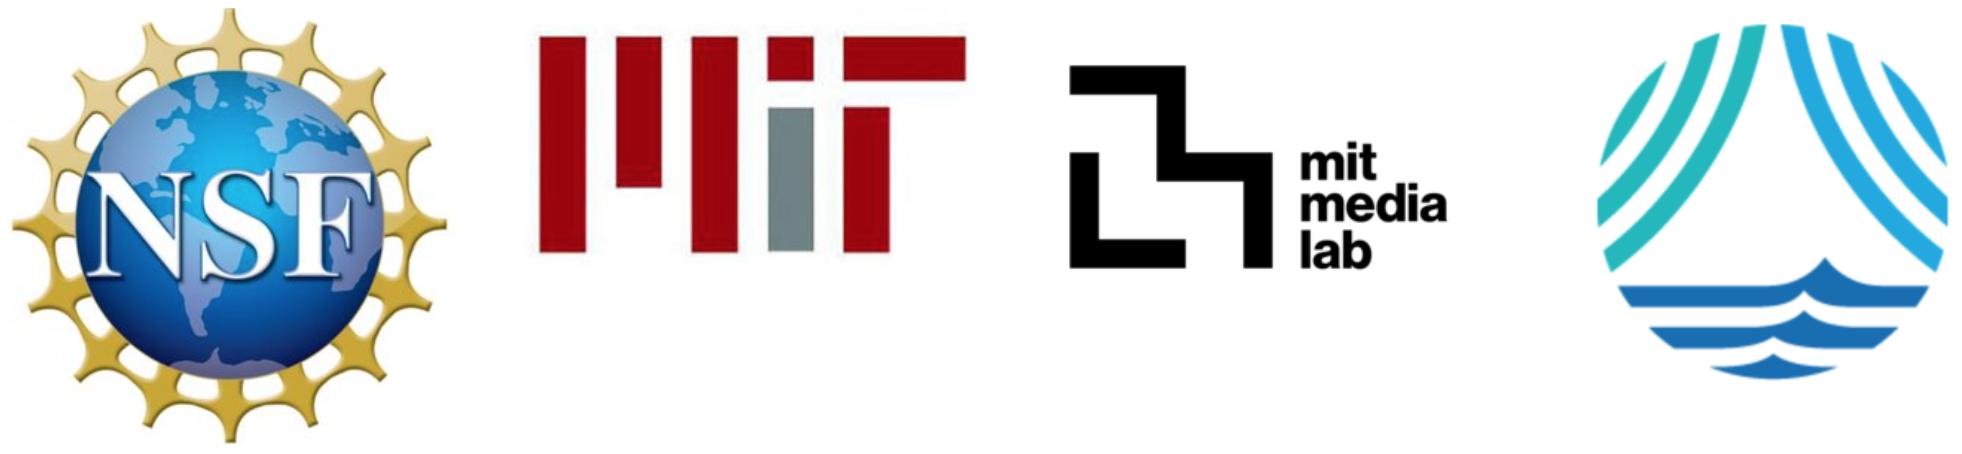 NSF, MIT, MIT Media Lab Logos